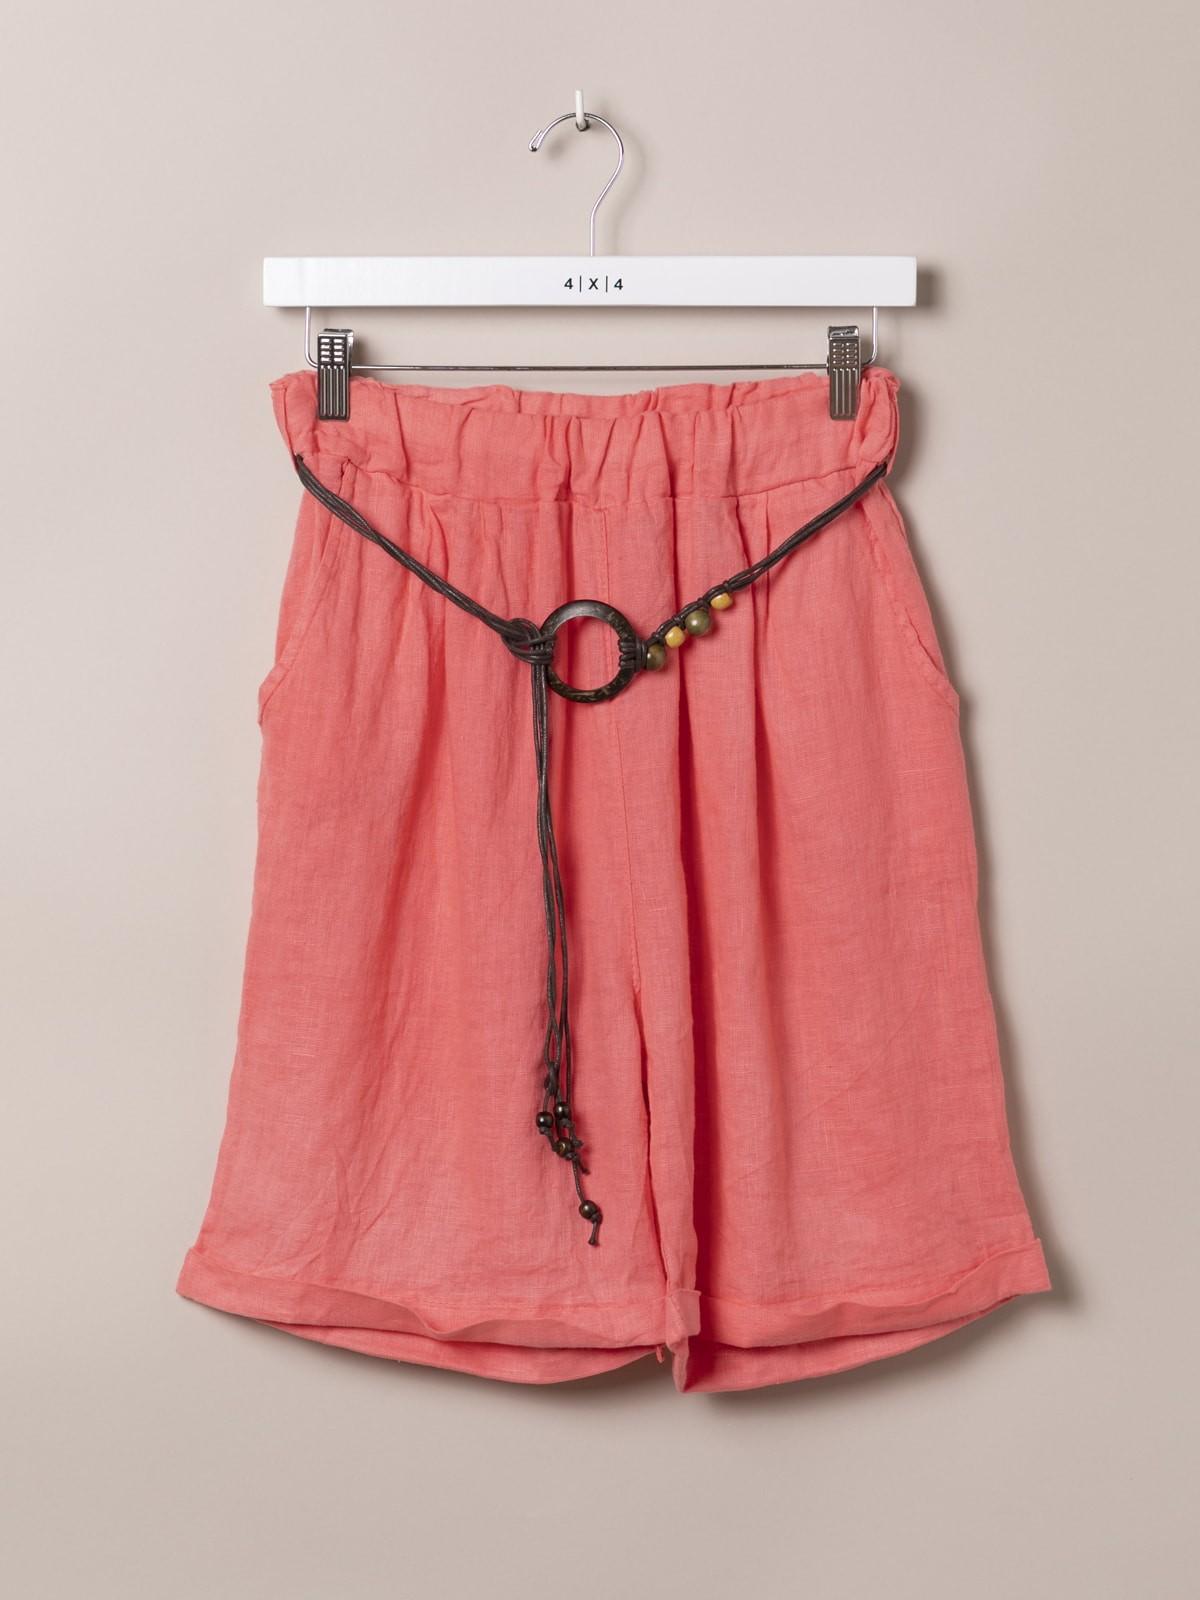 Bermuda oversize mujer de lino con cinturón Coral